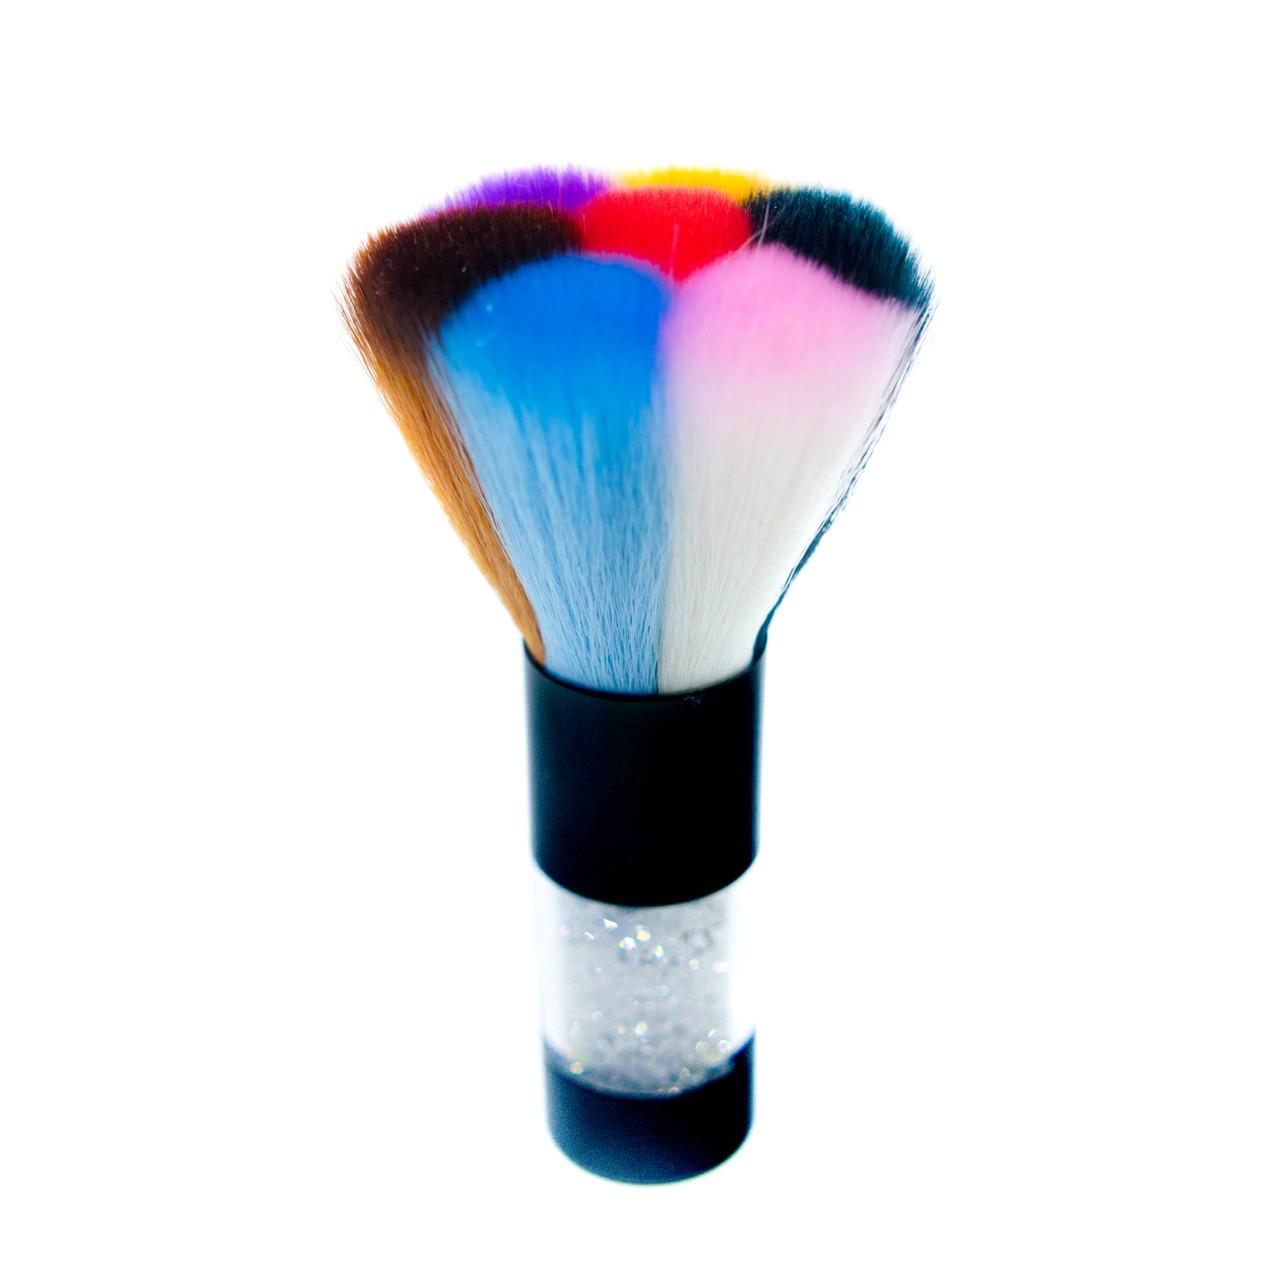 Щетка для ногтей, со стразами, разноцветный ворс